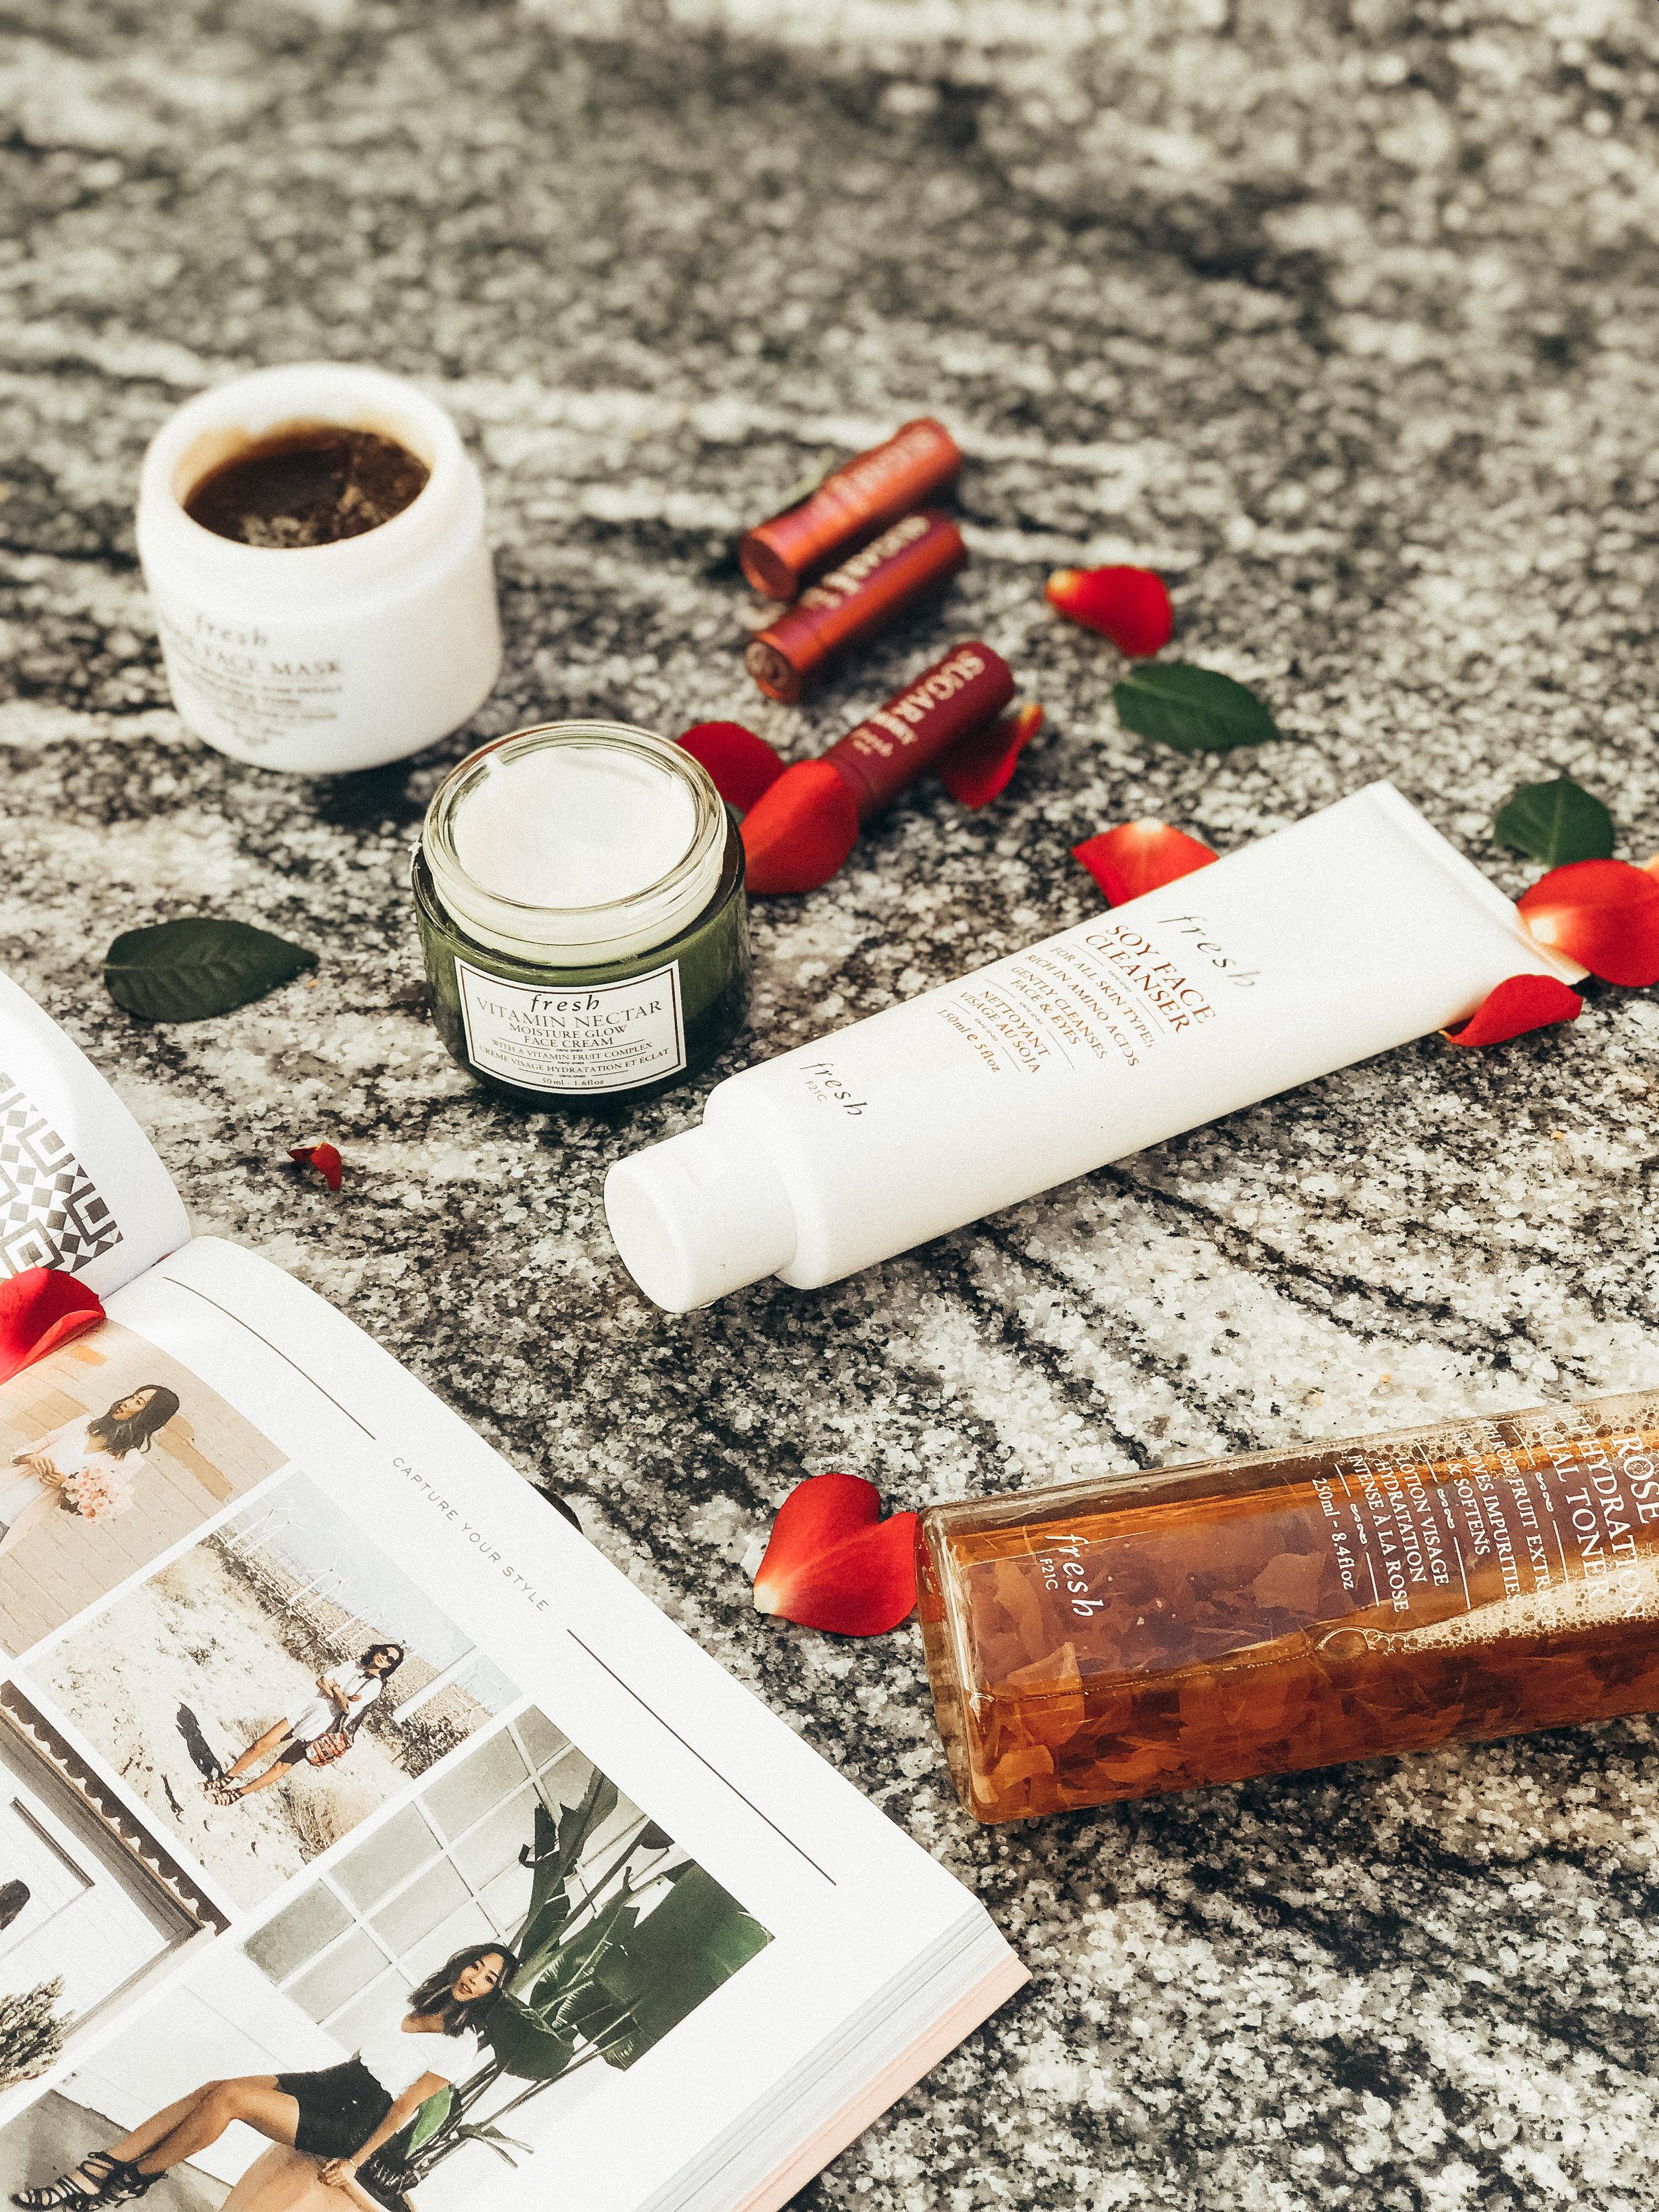 winter-skincare-routine-blogger